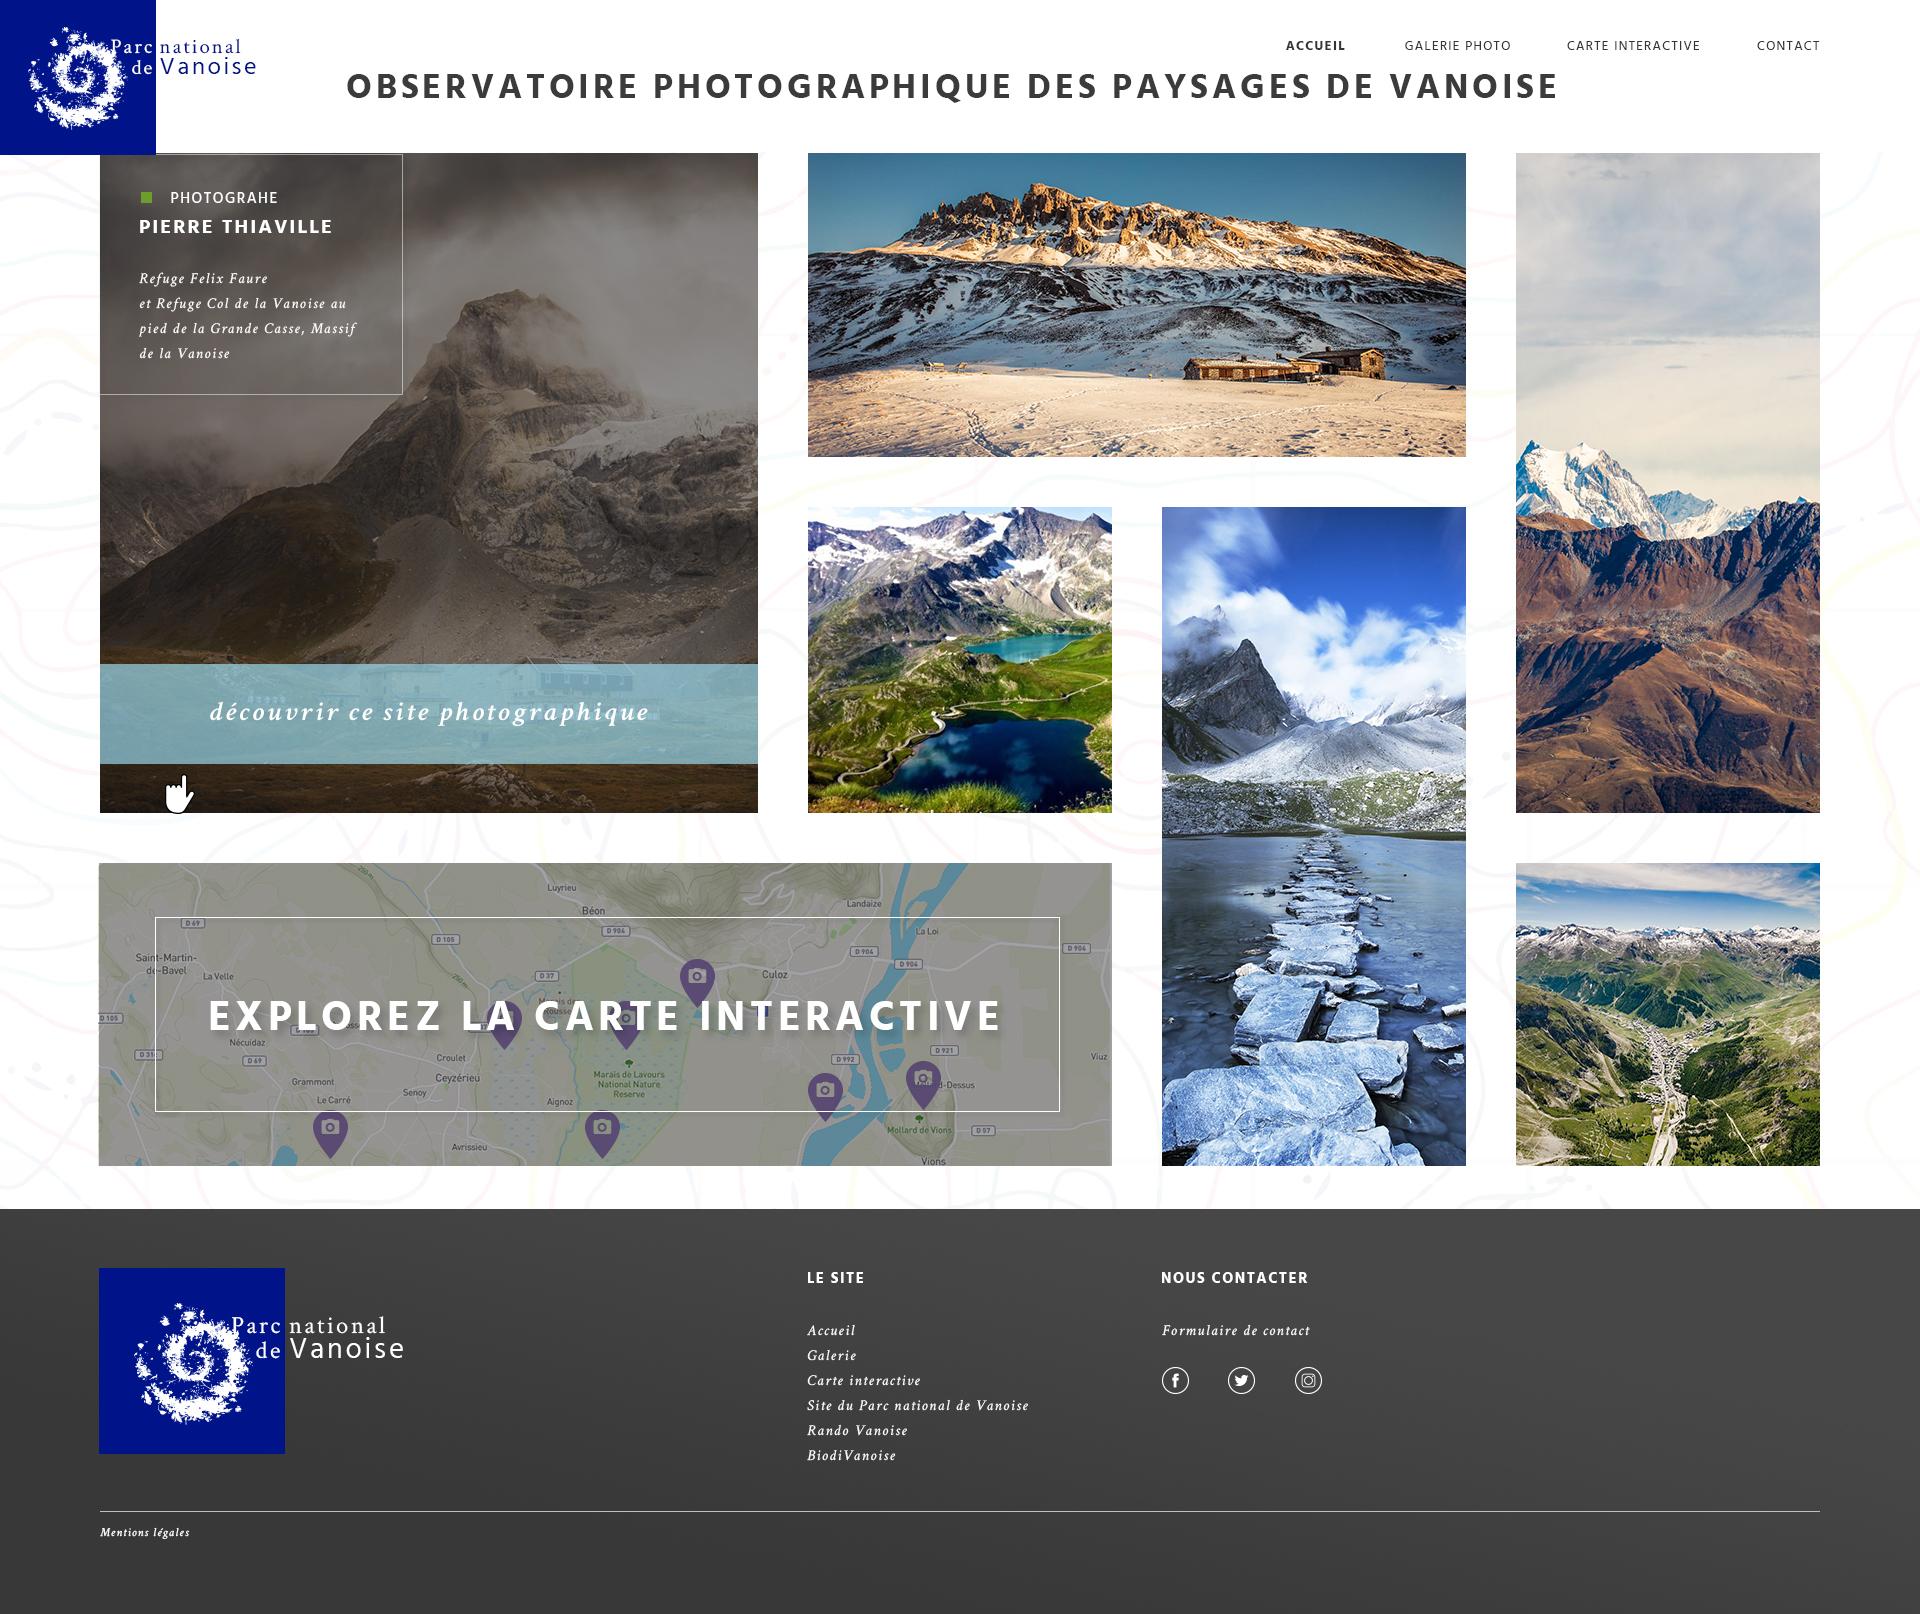 Observatoire photographique des paysages Home page